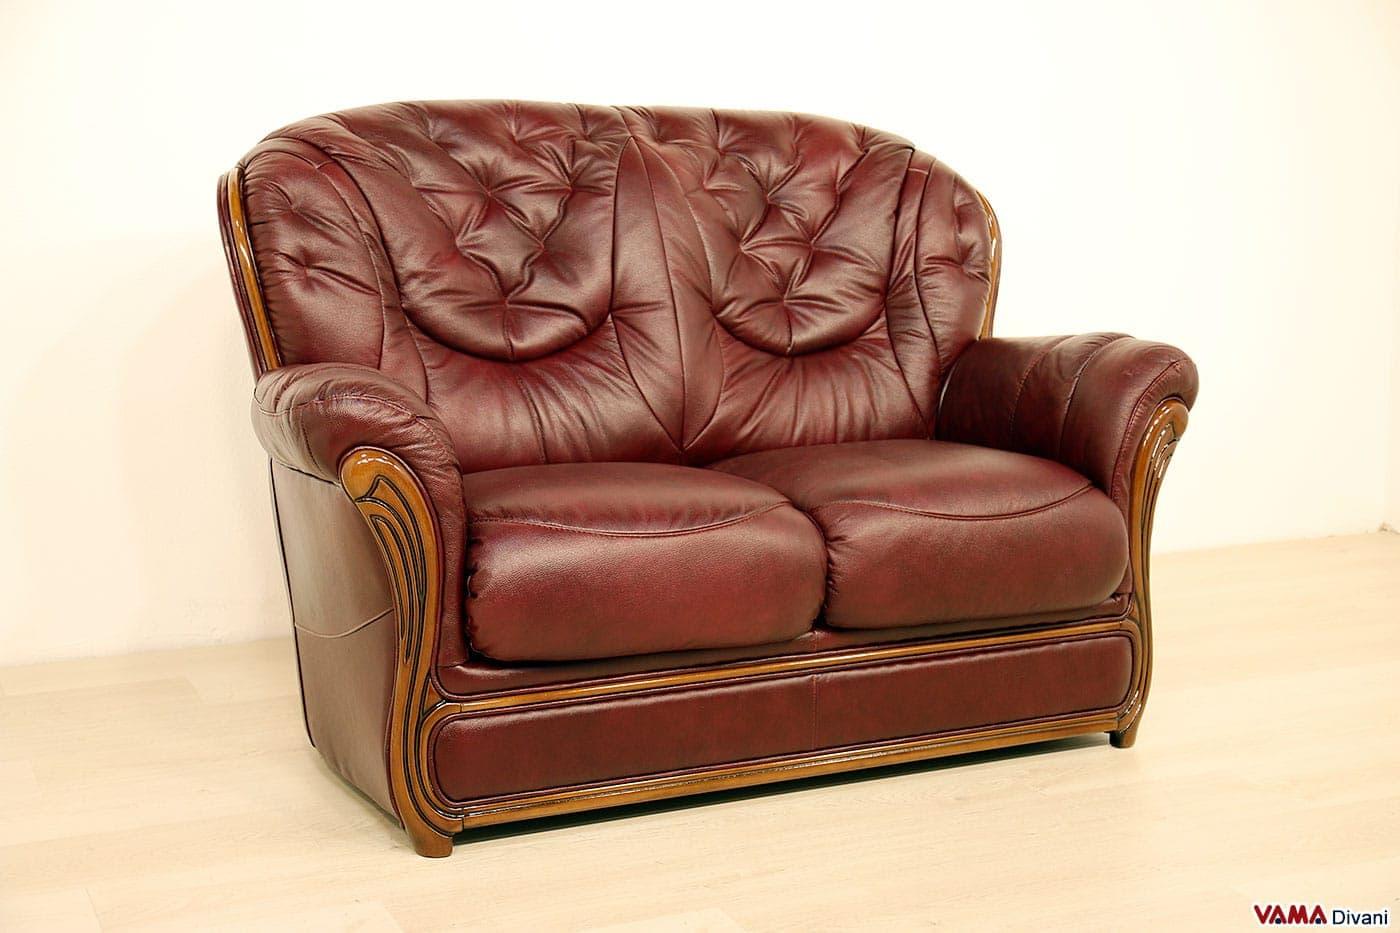 Vendita divani milano gallery of divano modello bridge for Divani e divani vendita on line